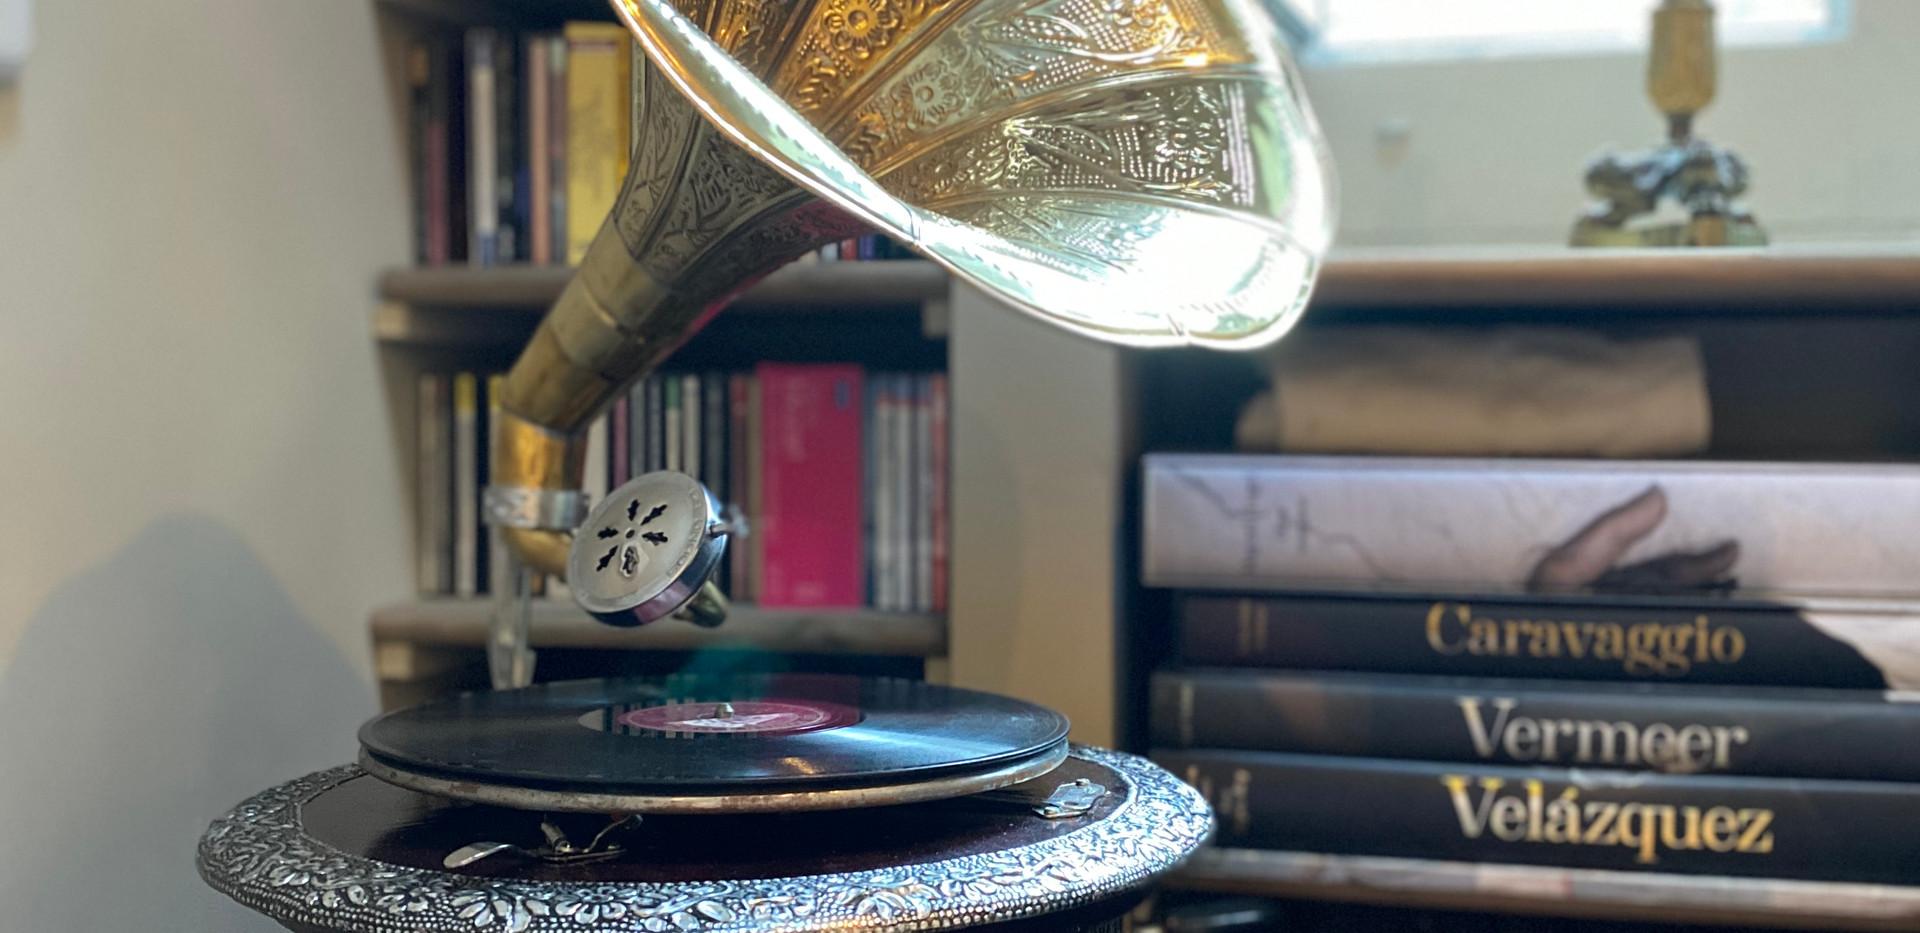 Nuestro gramófono